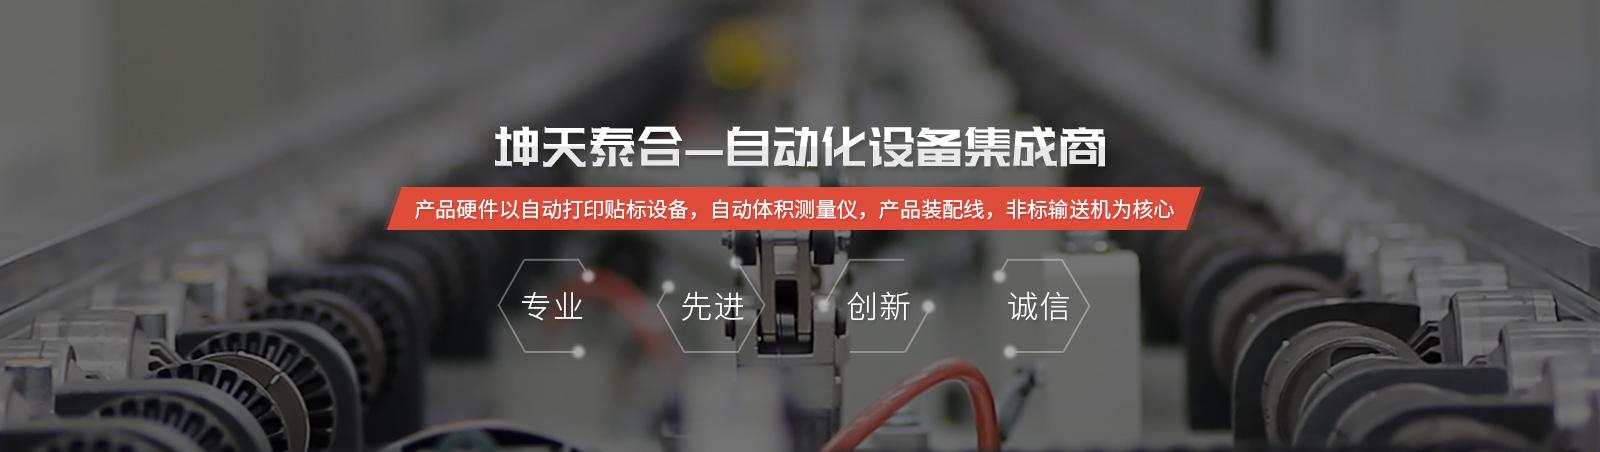 苏州坤天泰合智能科技有限公司